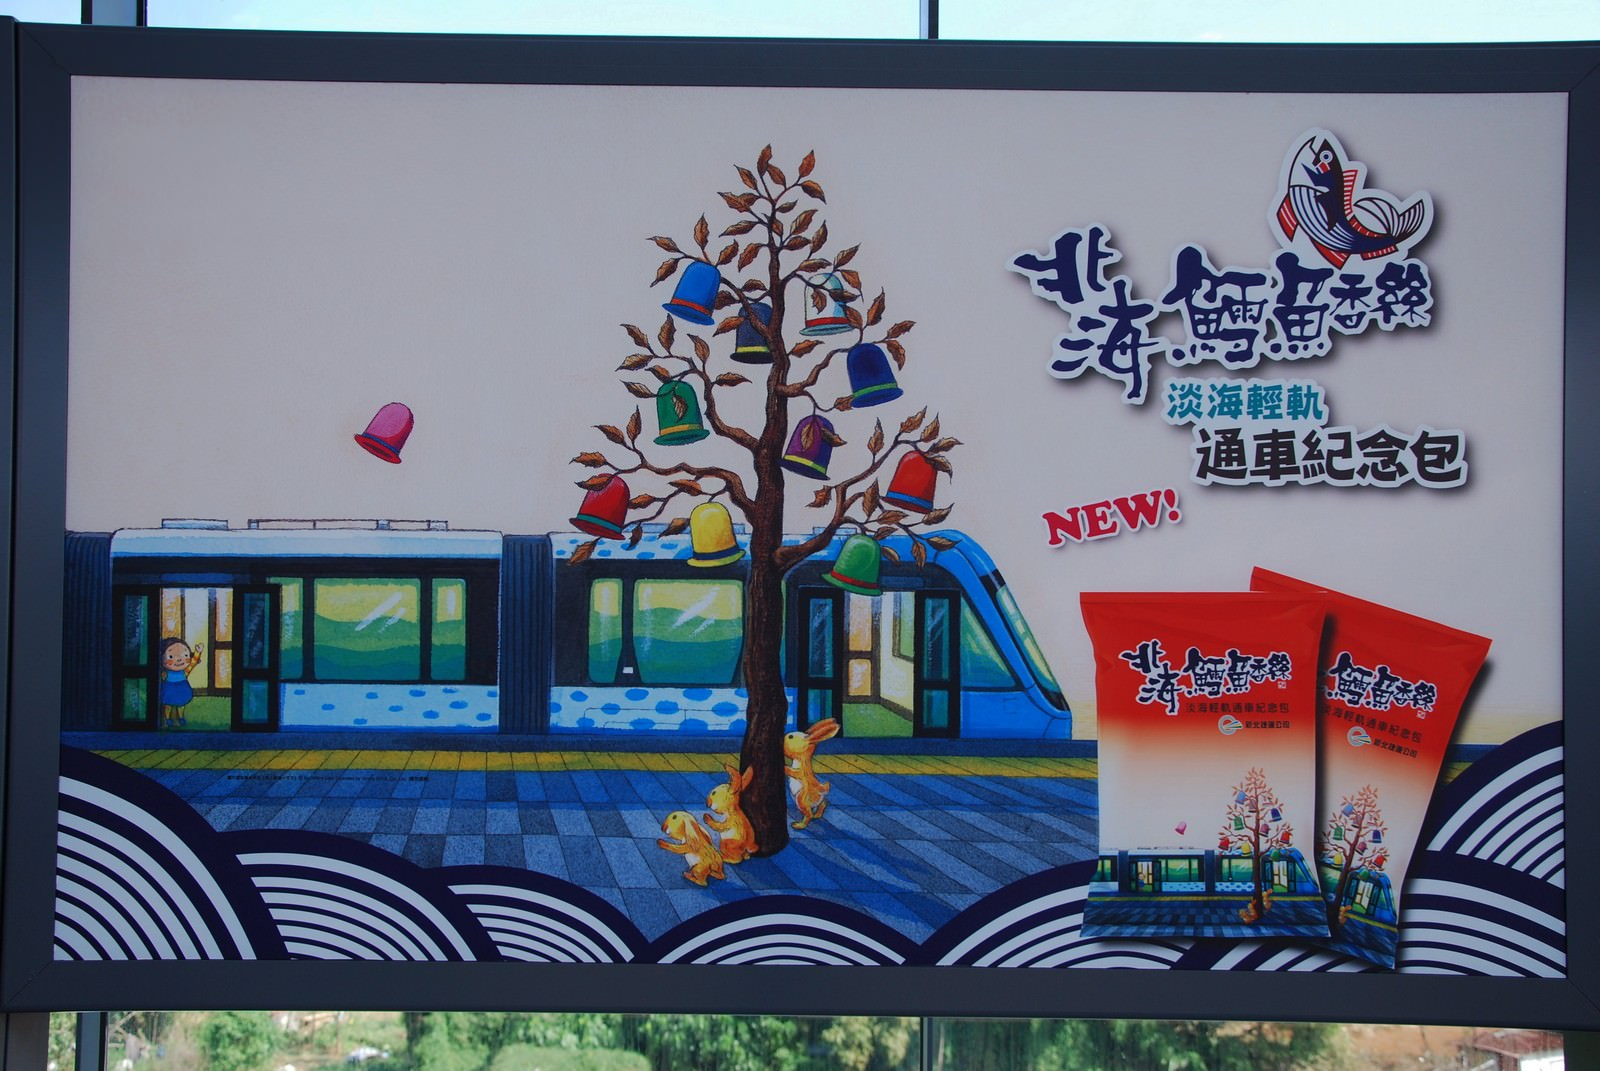 淡海輕軌綠山線, 輕軌淡江大學站, 廣告看板